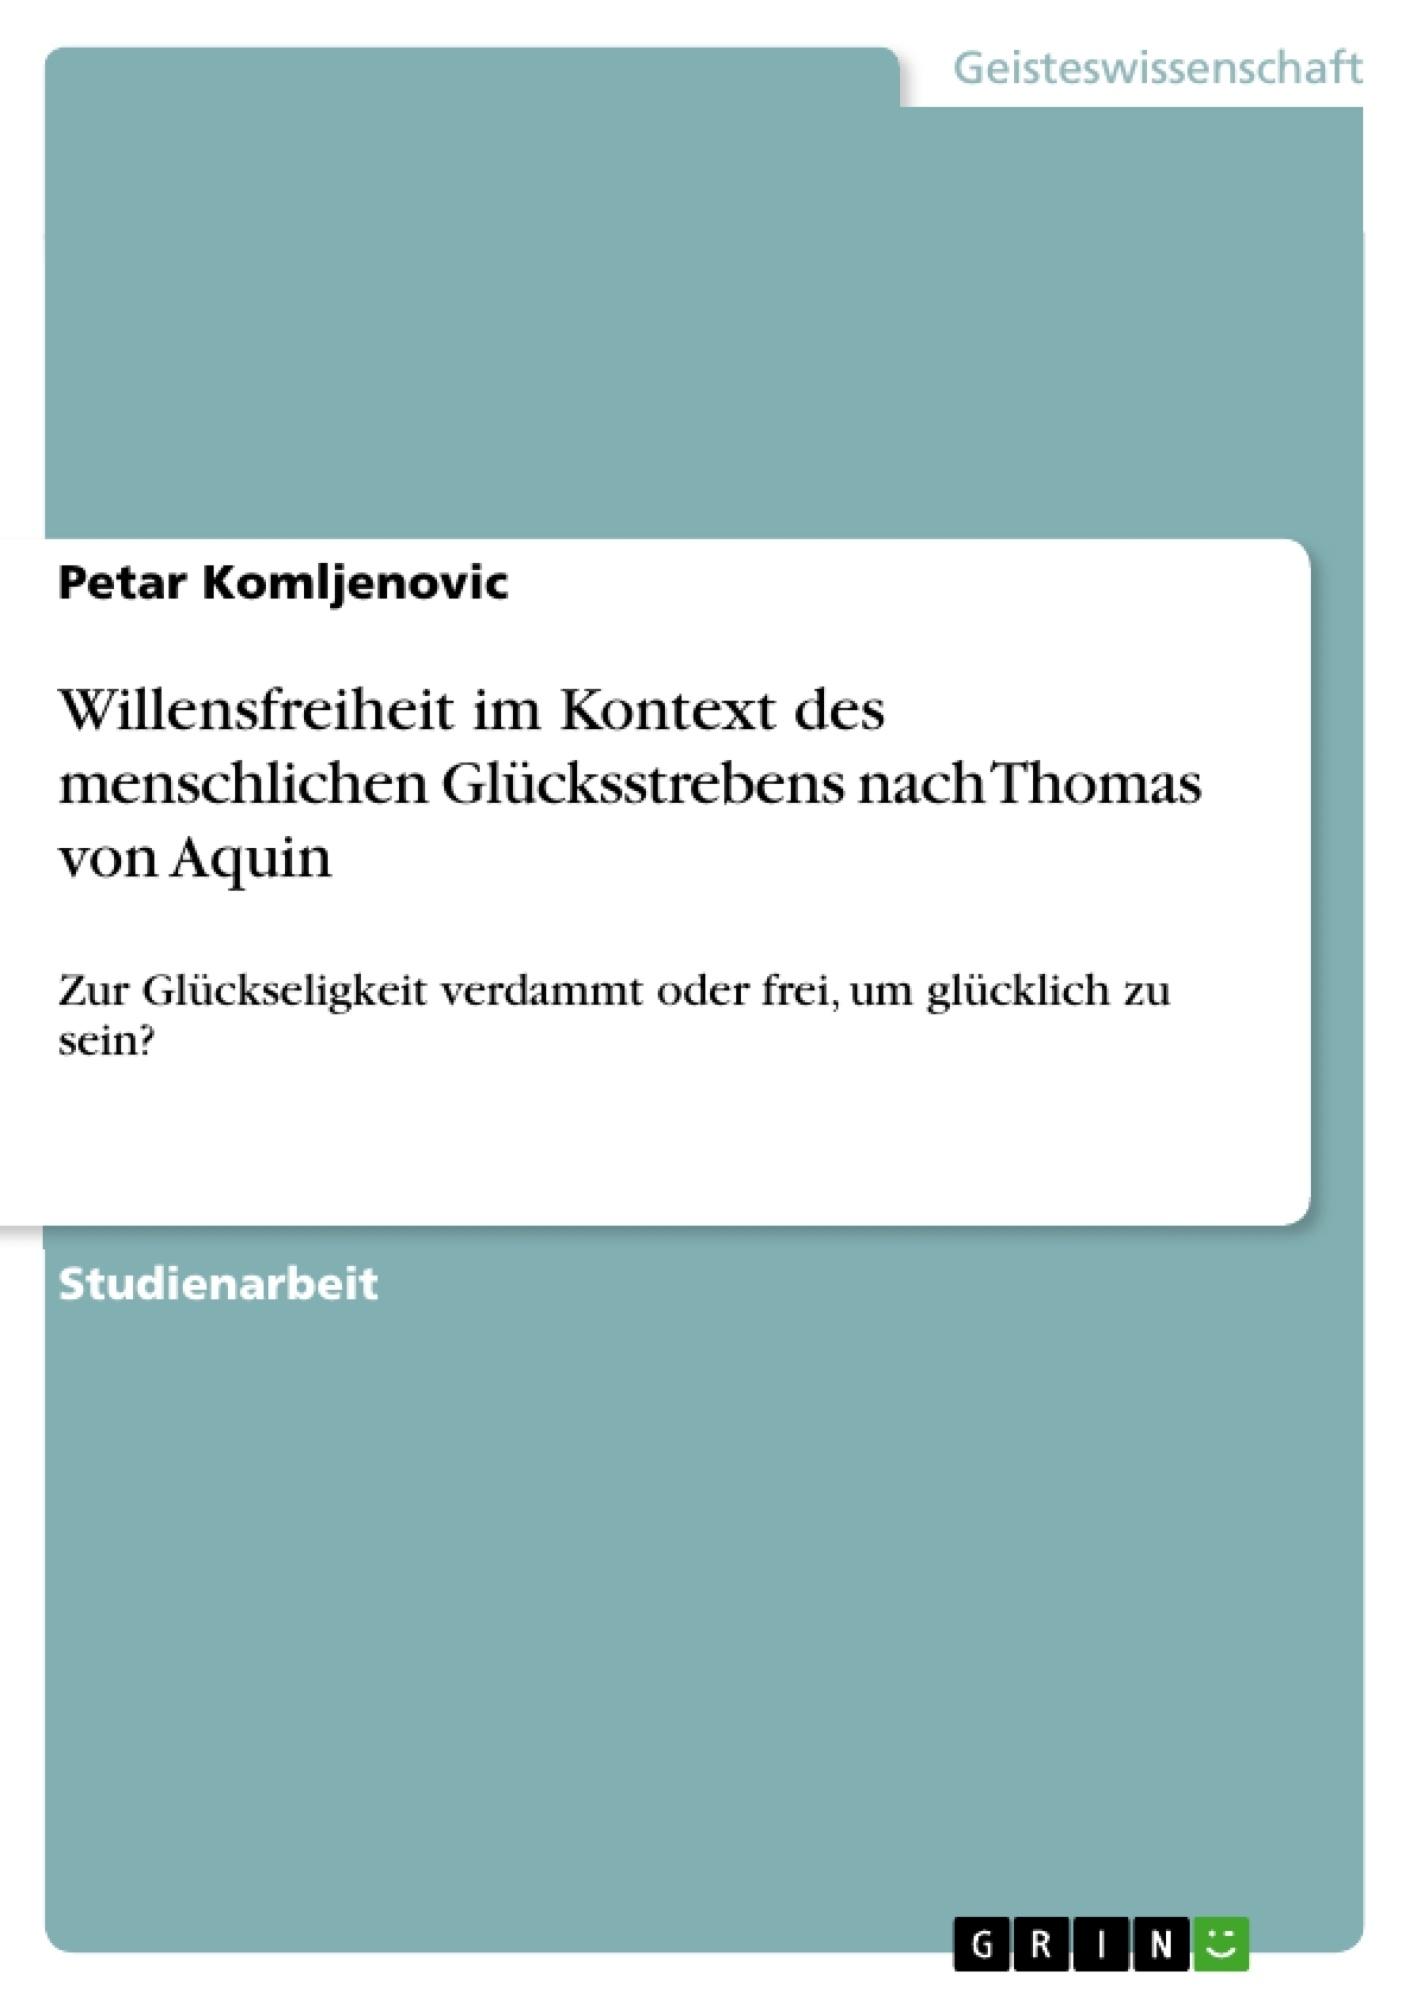 Titel: Willensfreiheit im Kontext des menschlichen Glücksstrebens nach Thomas von Aquin